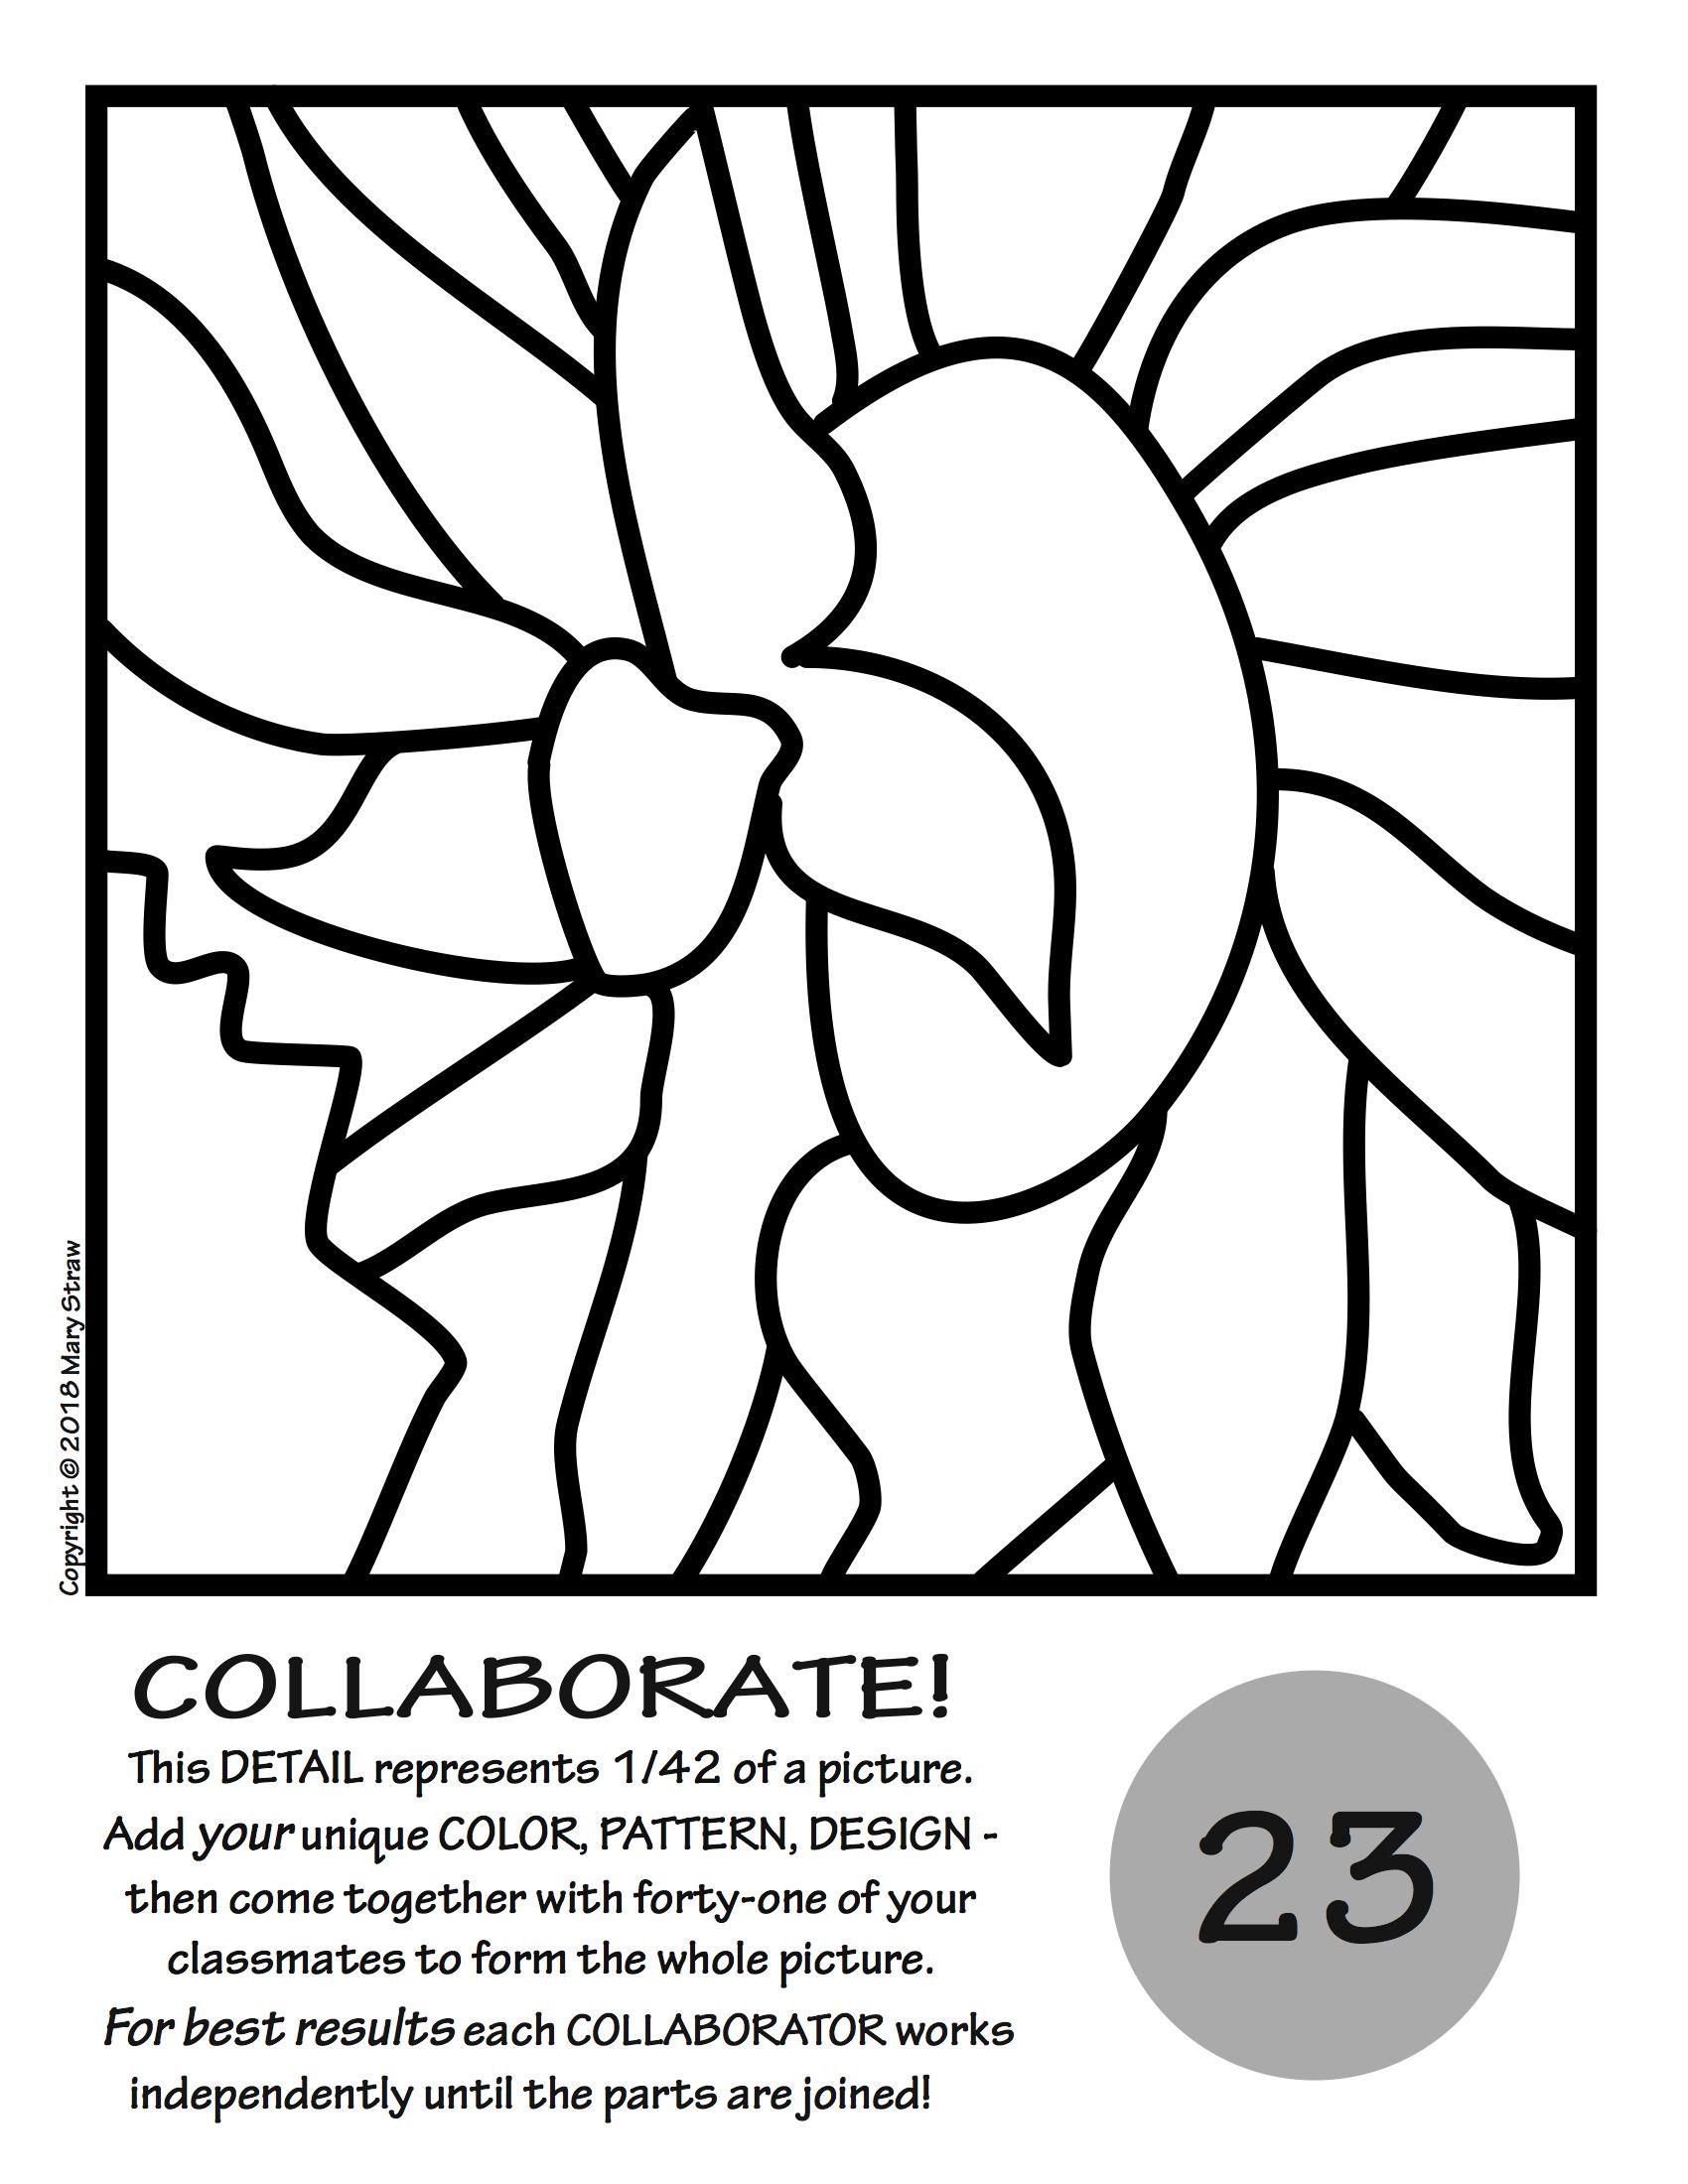 Sunflowers by van gogh collaborative activity coloring for Girasoli di van gogh da colorare